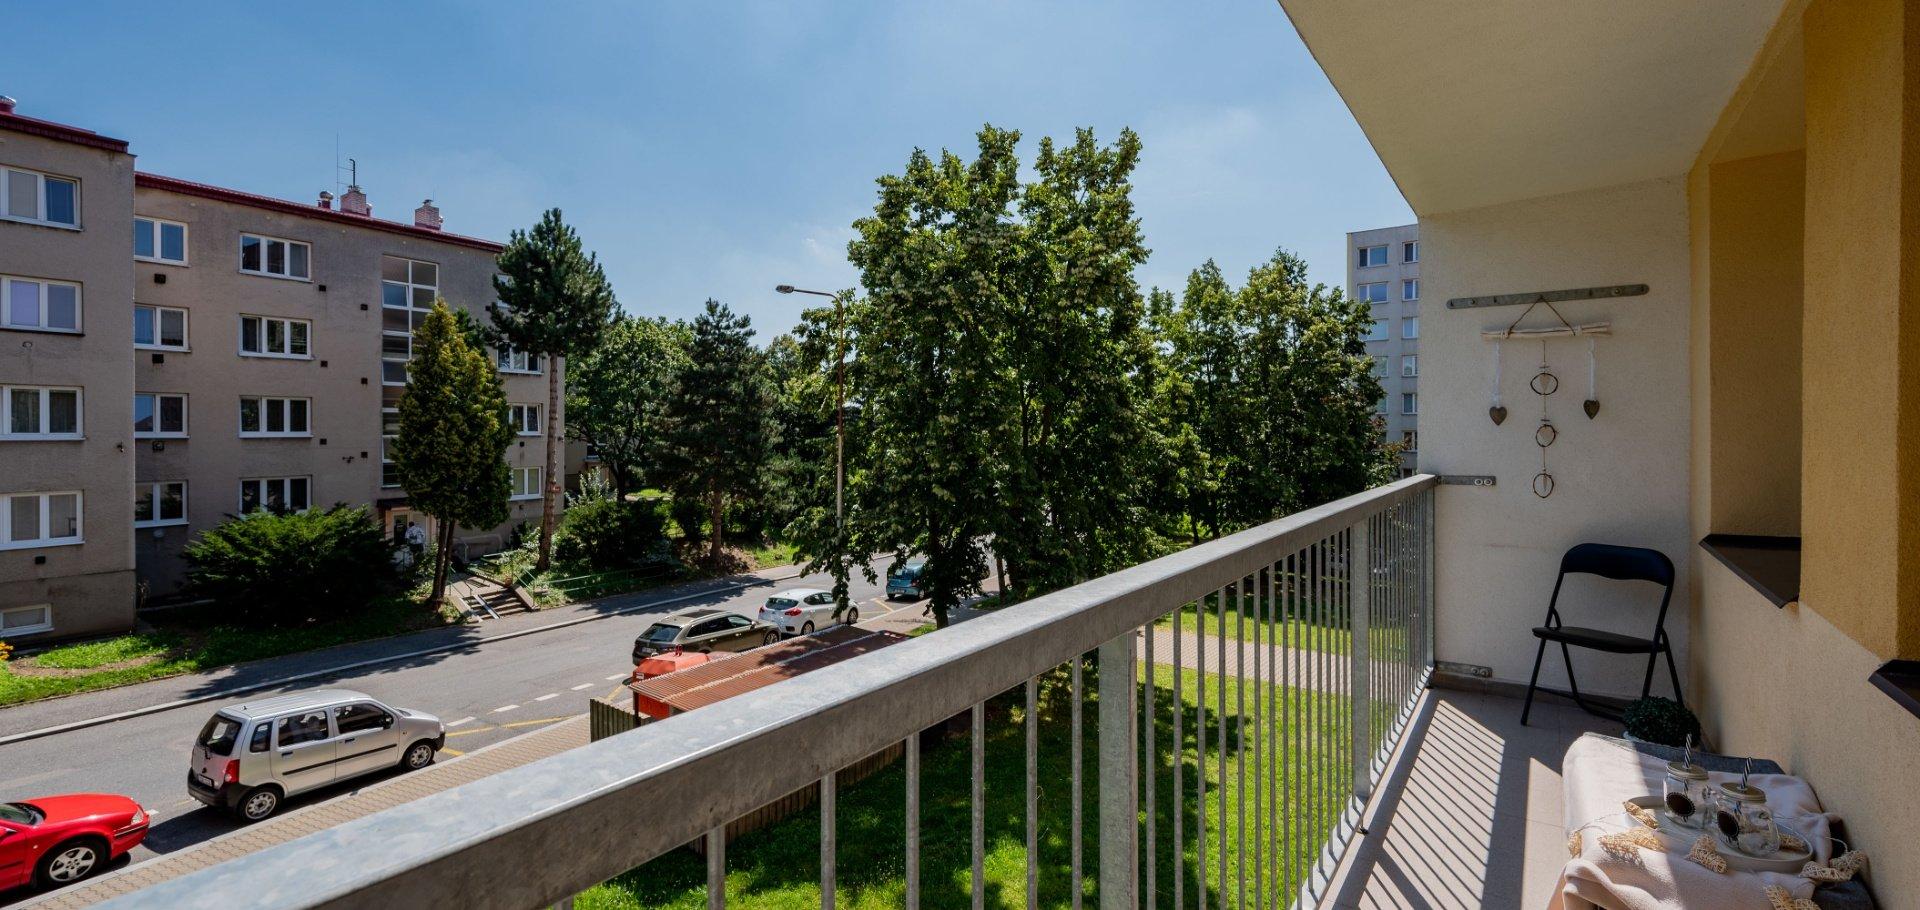 REZERVOVÁNO!  Prostorný byt 4+1 Žitenická, Čáslav - Čáslav-Nové Město